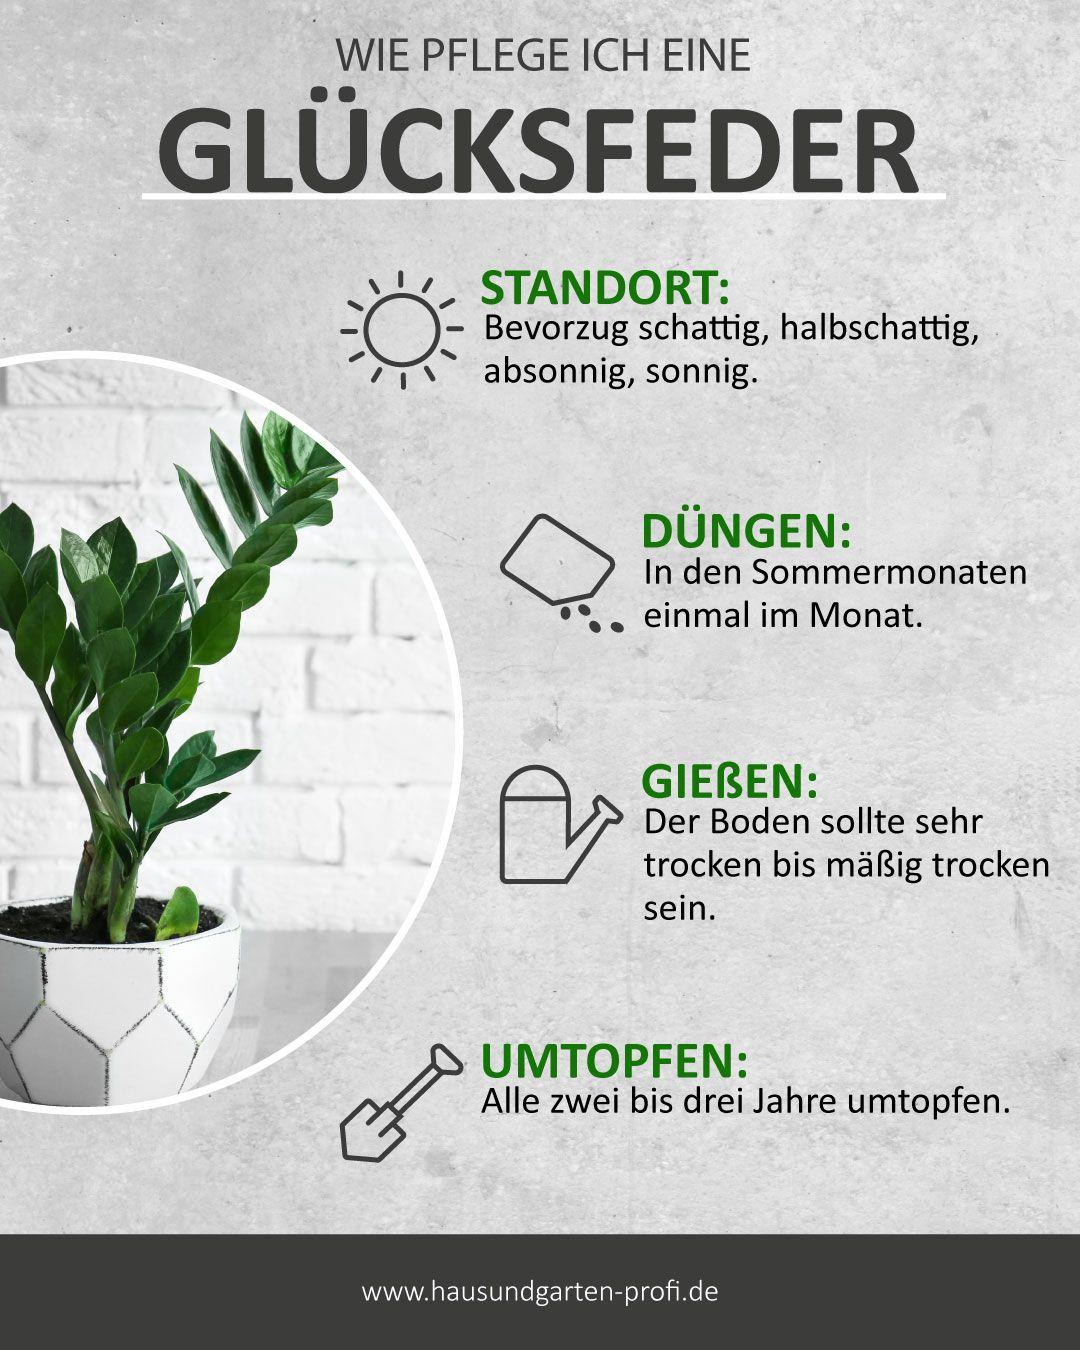 Glucksfeder So Einfach Kanns Gehen Standort Dungen Giessen Umtopfen In 2020 Pflanzen Garten Pflanzen Pflanzen Pflege